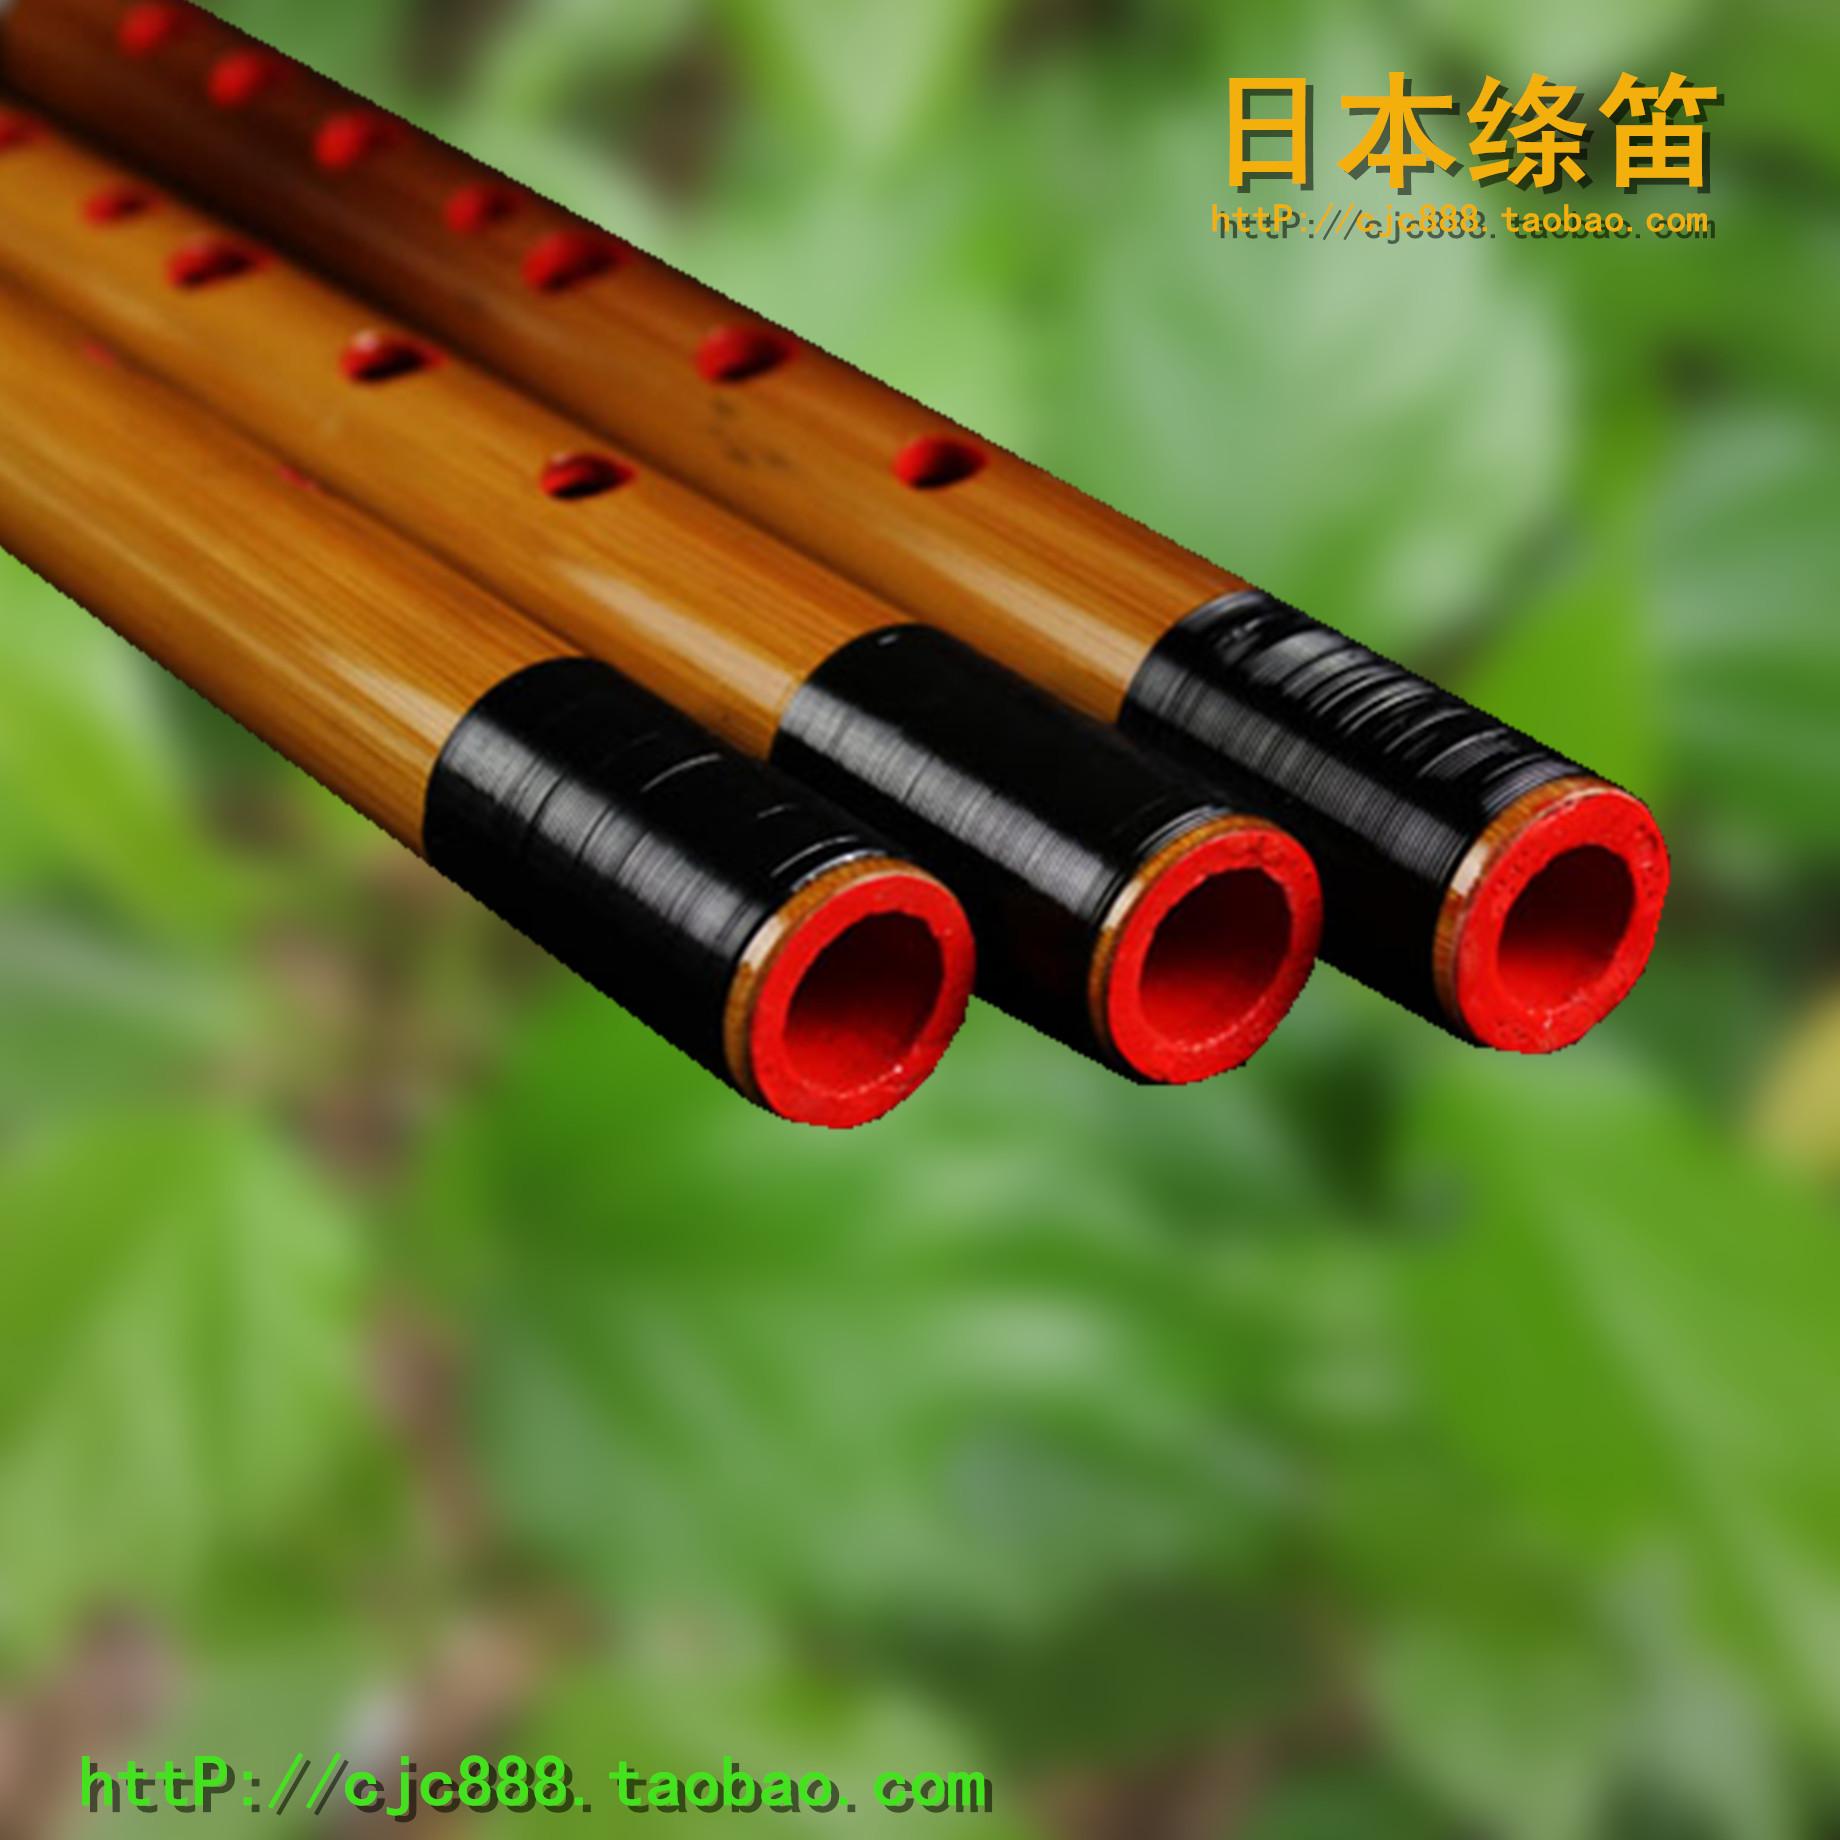 日本正品樂器